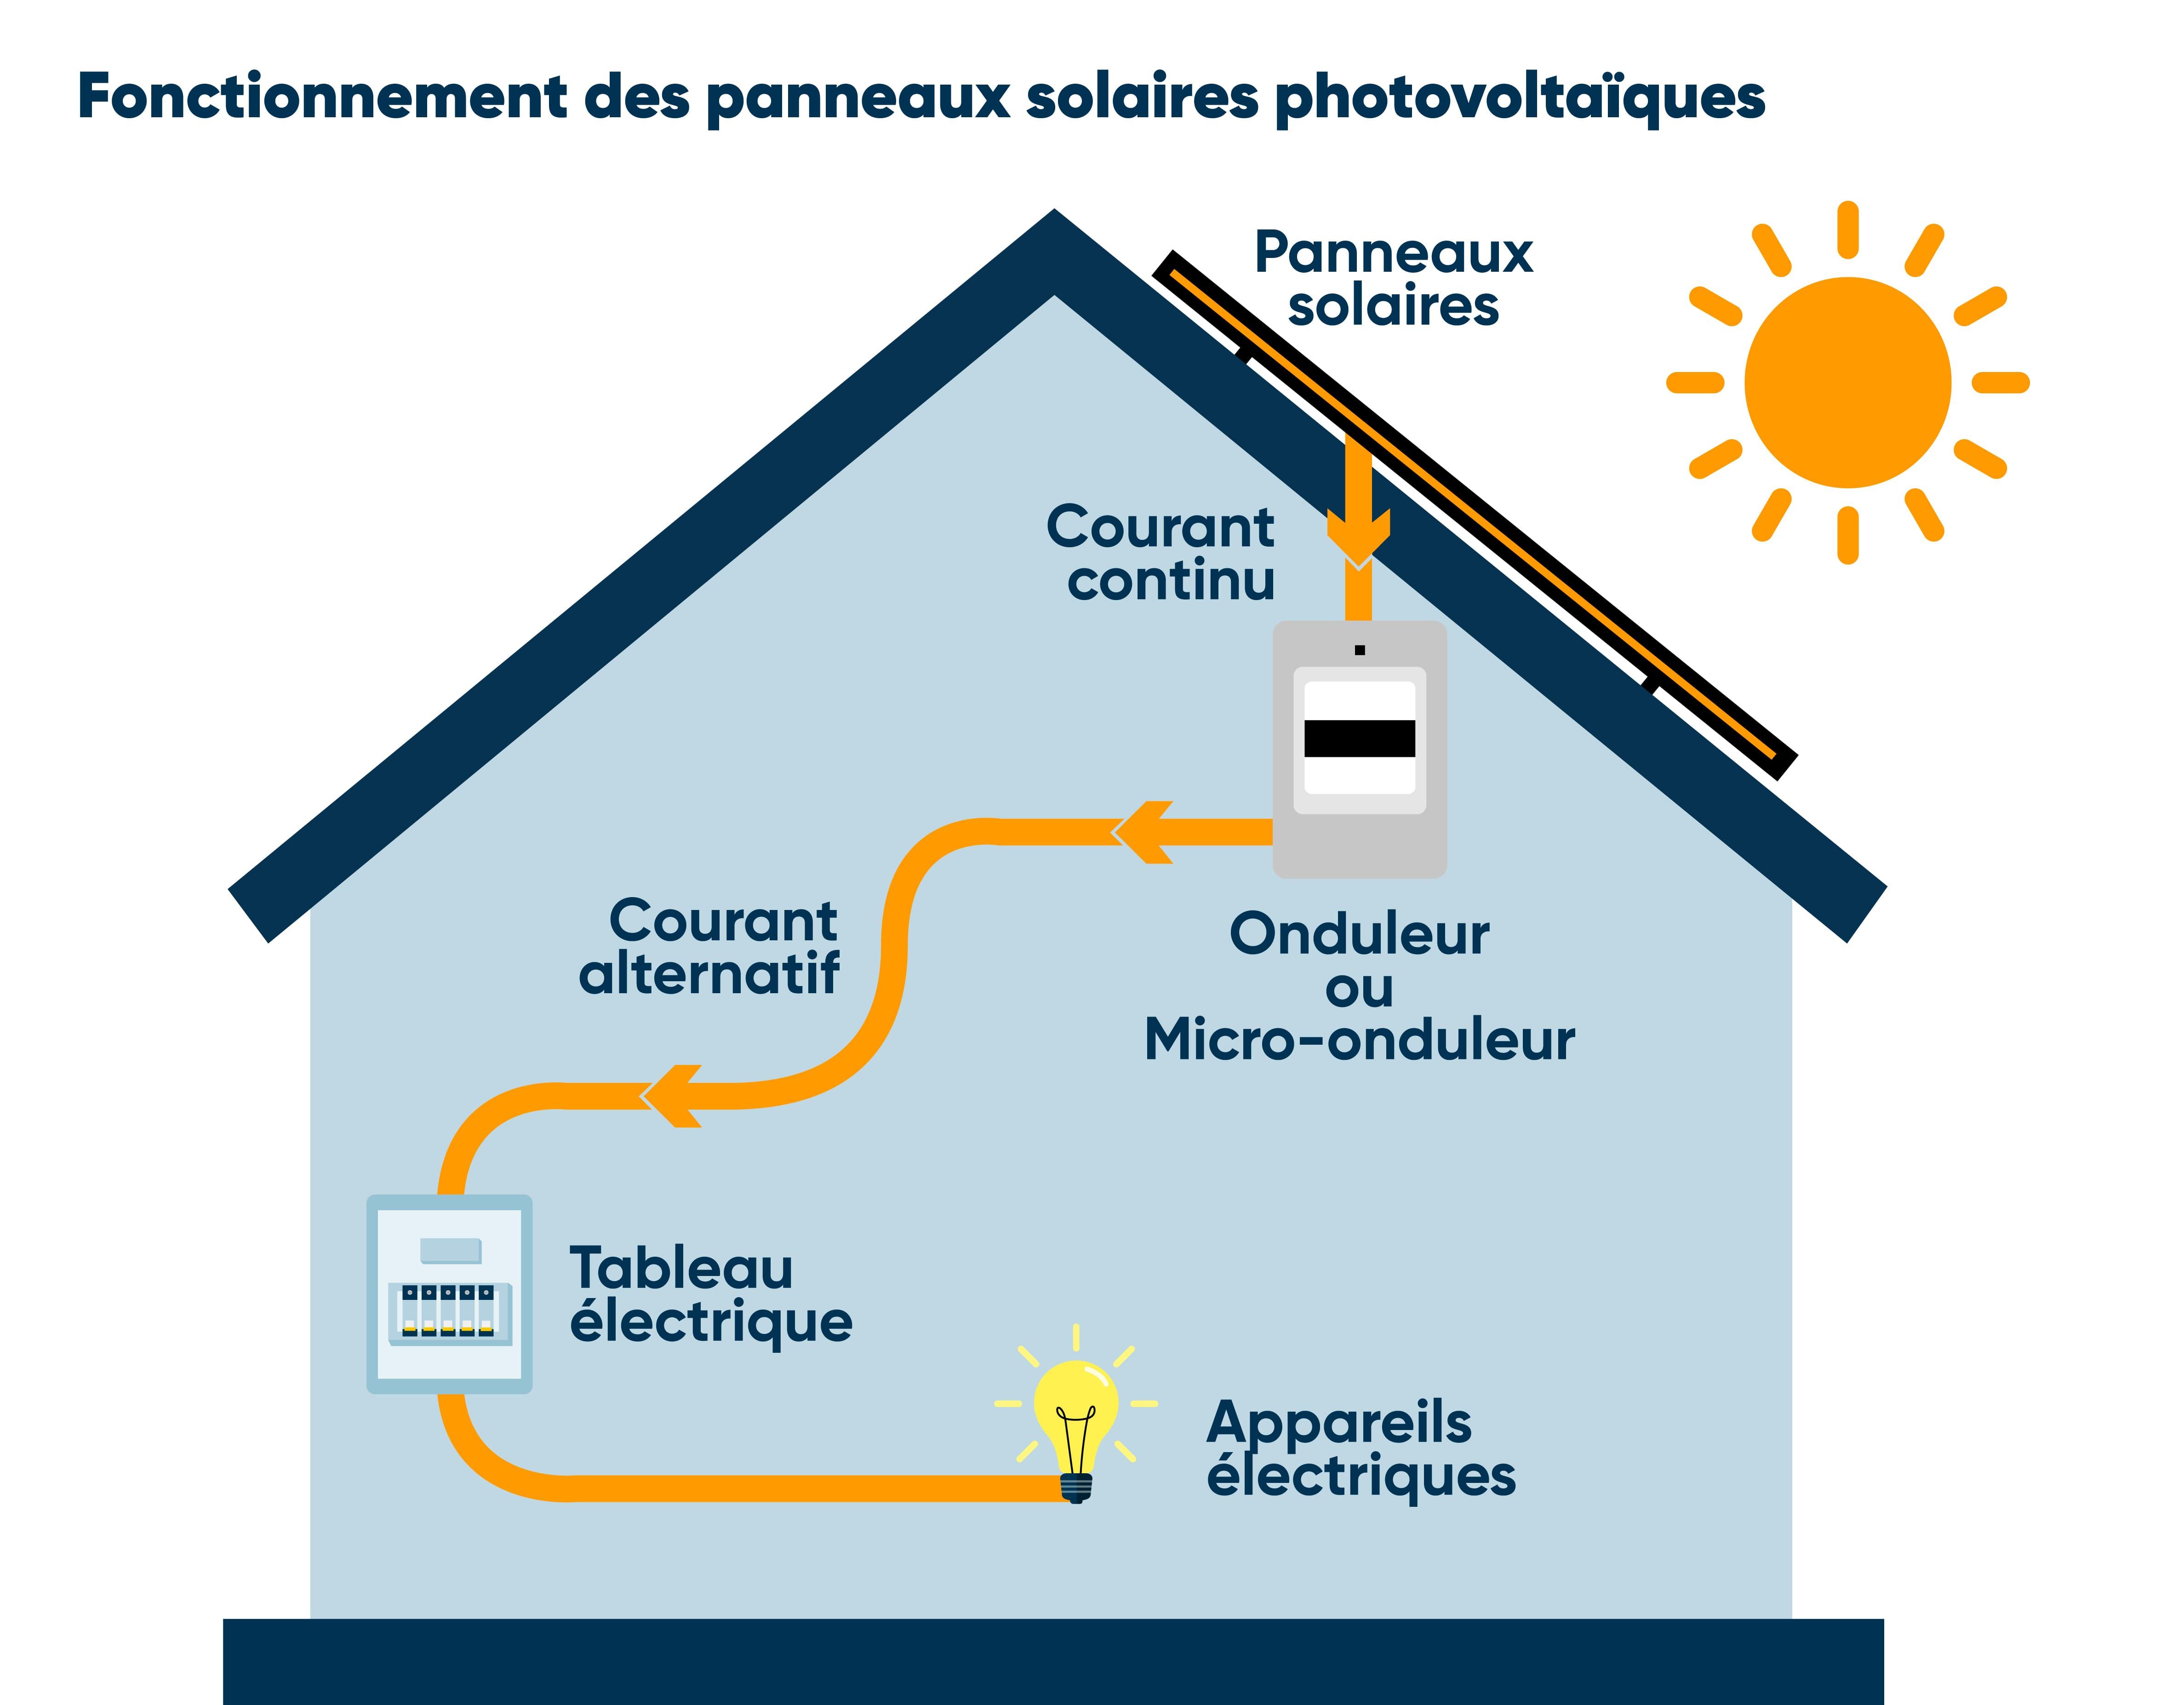 Fonctionnement panneaux photovoltaiques